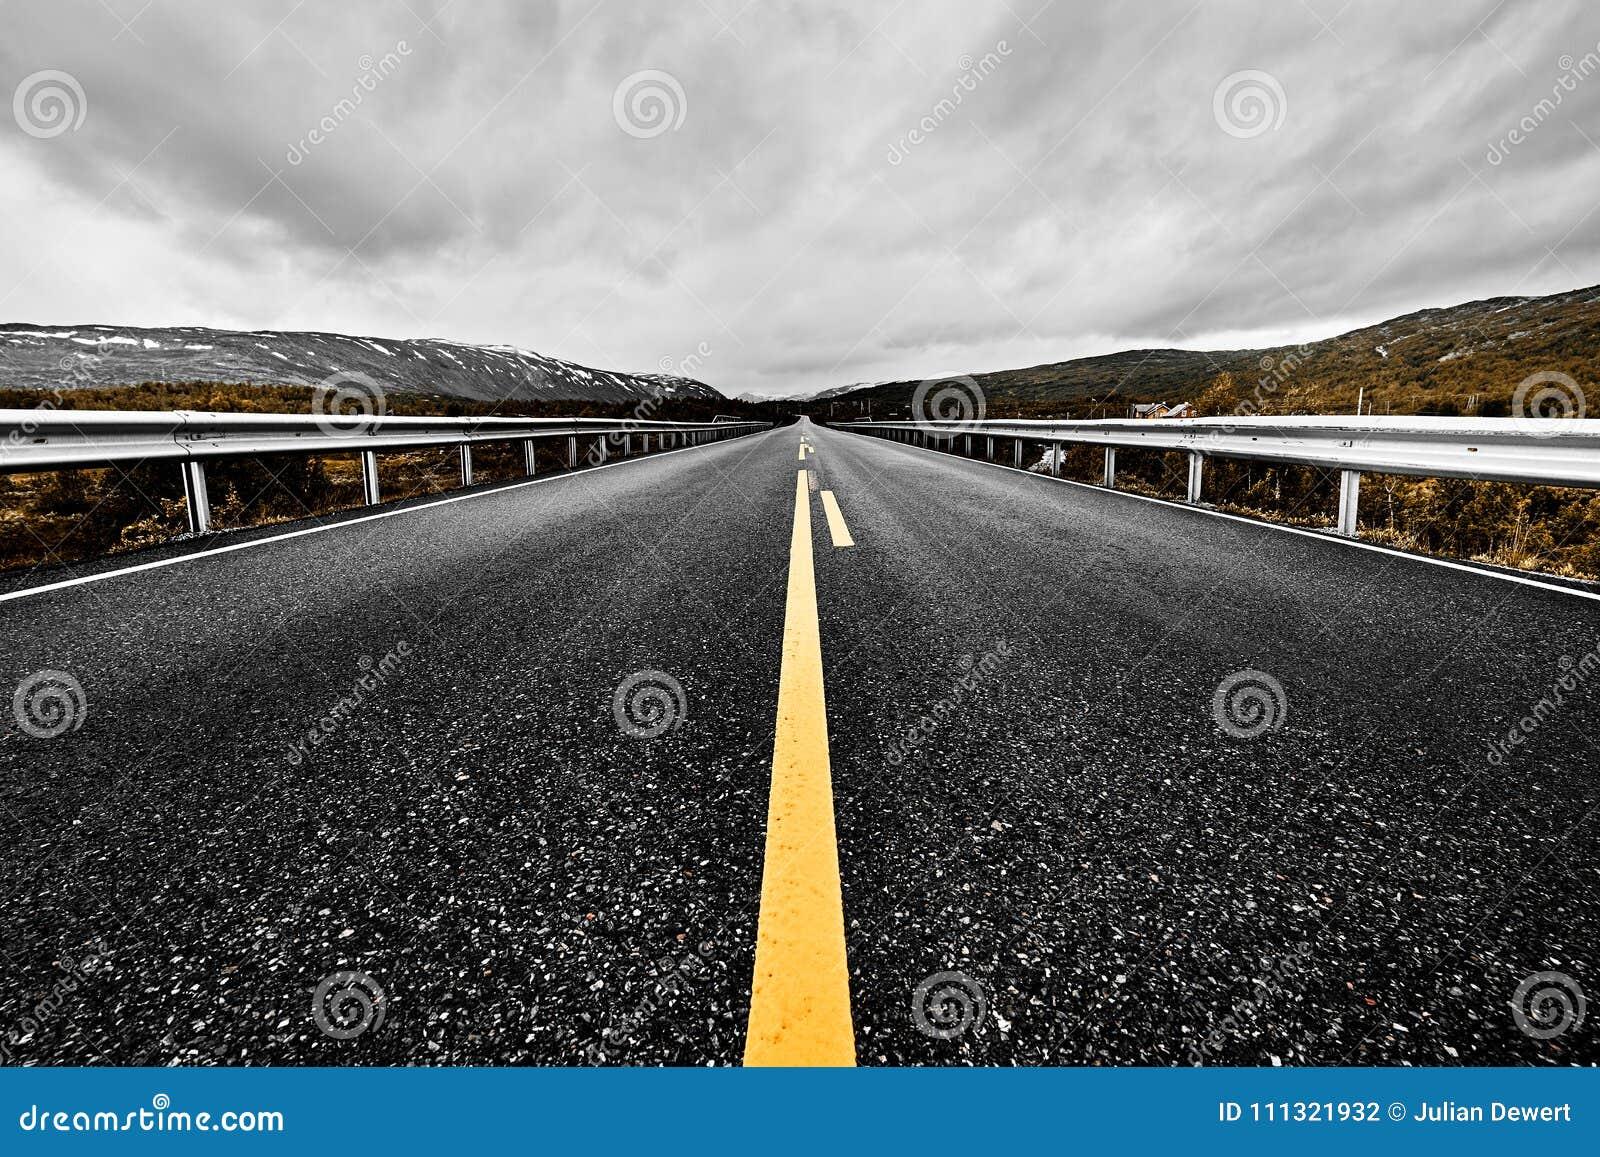 L image d une prairie grande ouverte et des montagnes avec une route pavée de route s étendant jusque l oeil peut voir avec le be